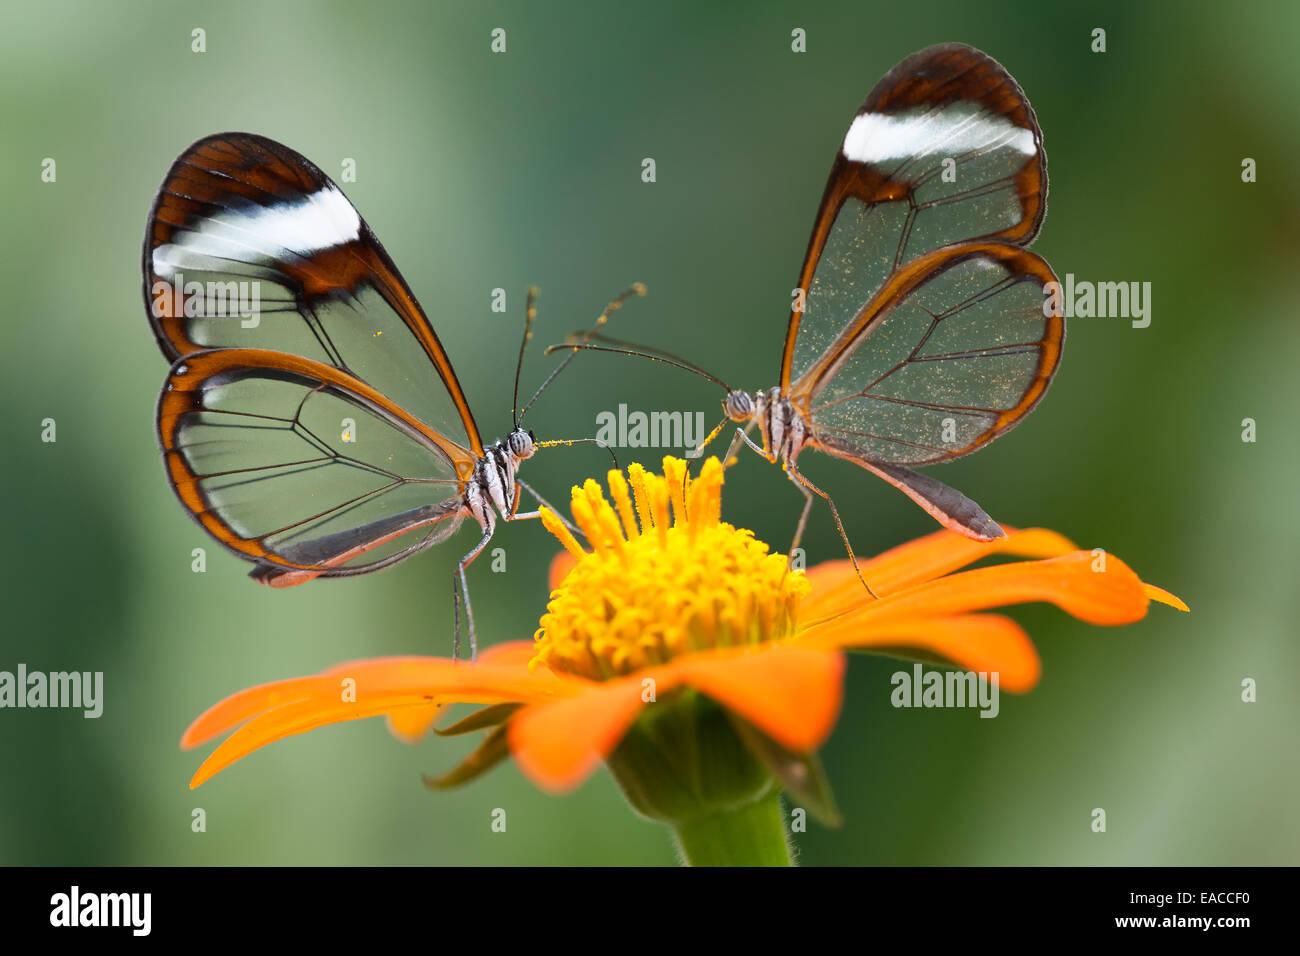 """Paire de """"verre"""" de l'aile des papillons, s'alimentant à à North Somerset Butterfly Photo Stock"""